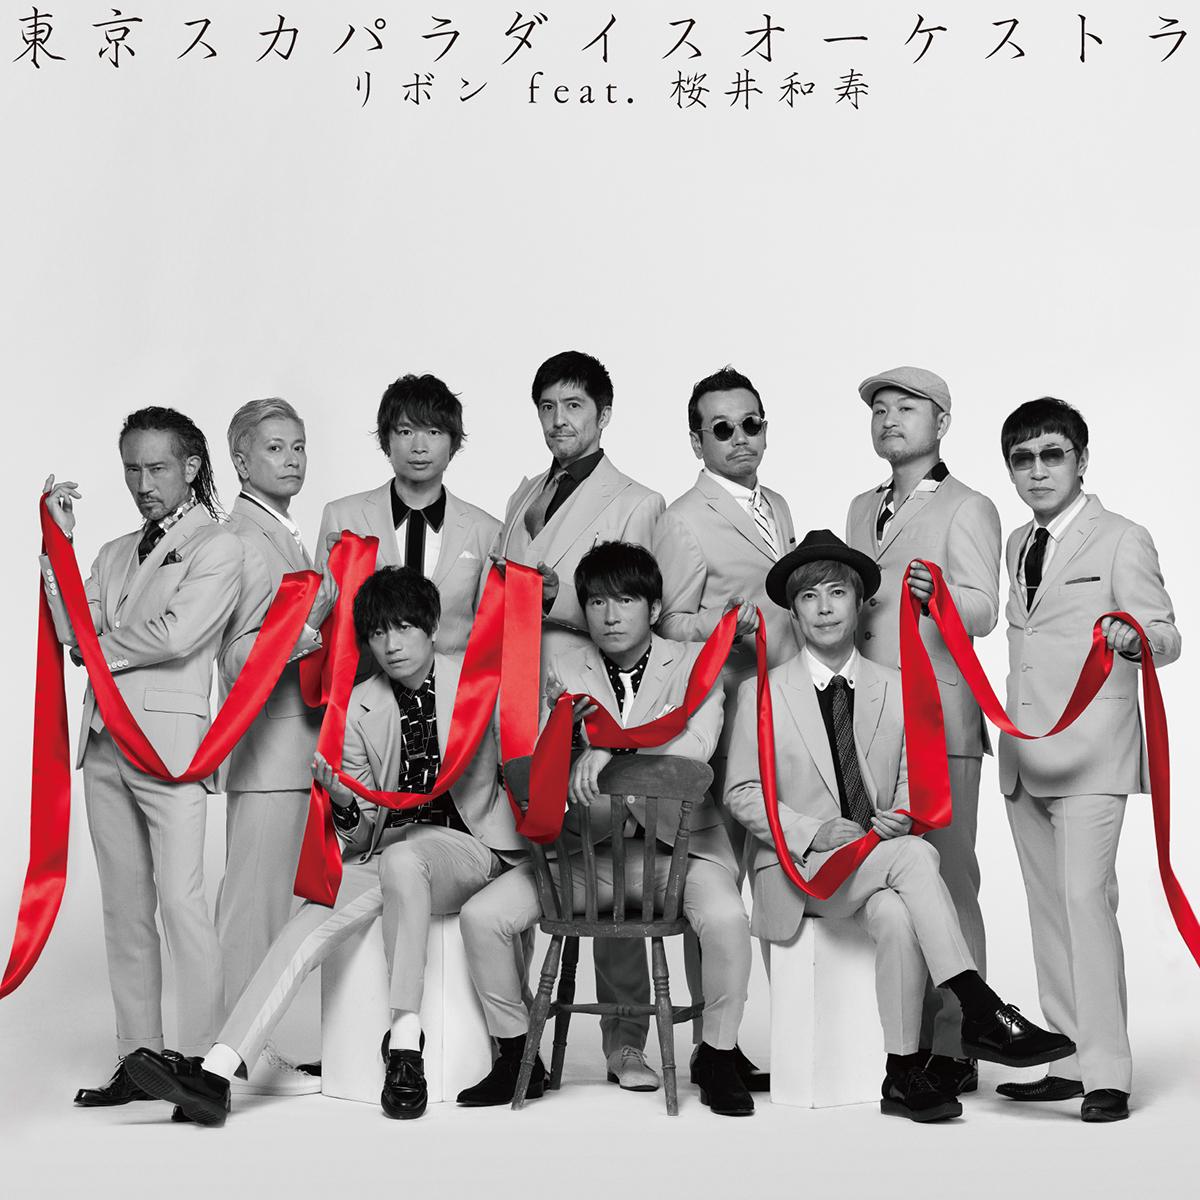 「リボン feat. 桜井和寿(Mr.Children)」CD only